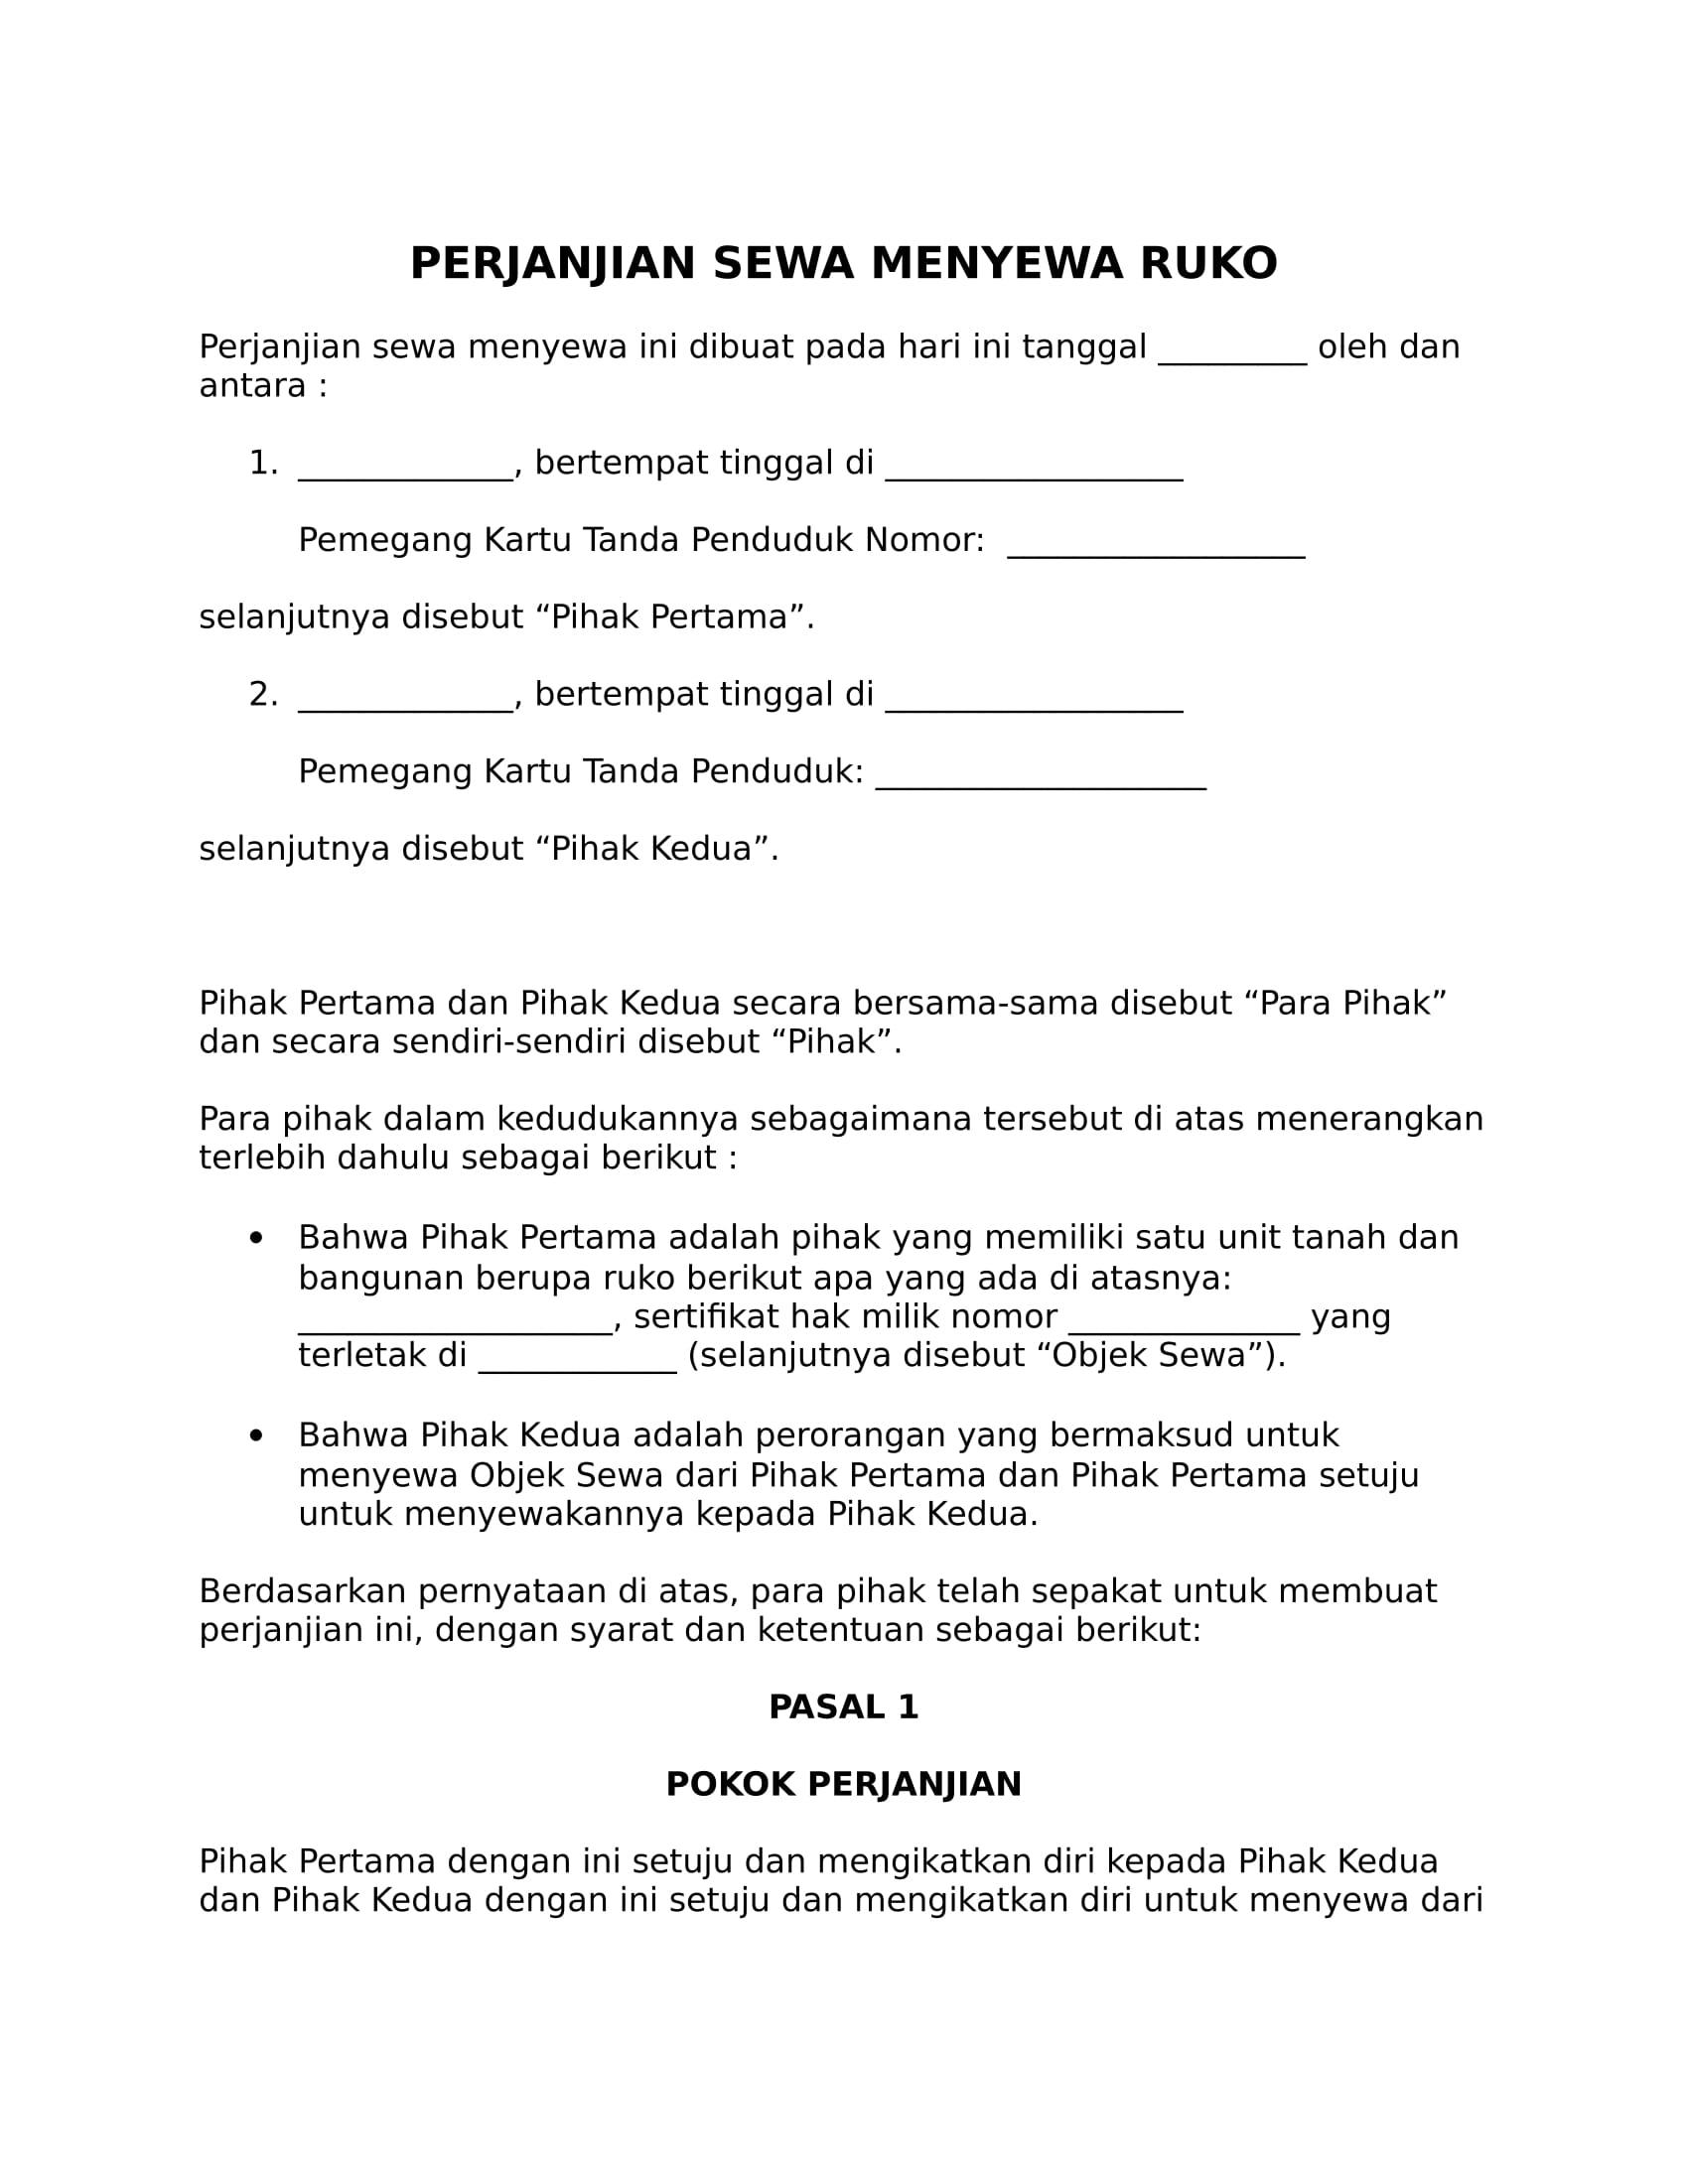 Begini Contoh Surat Perjanjian Sewa Ruko Rumah Toko